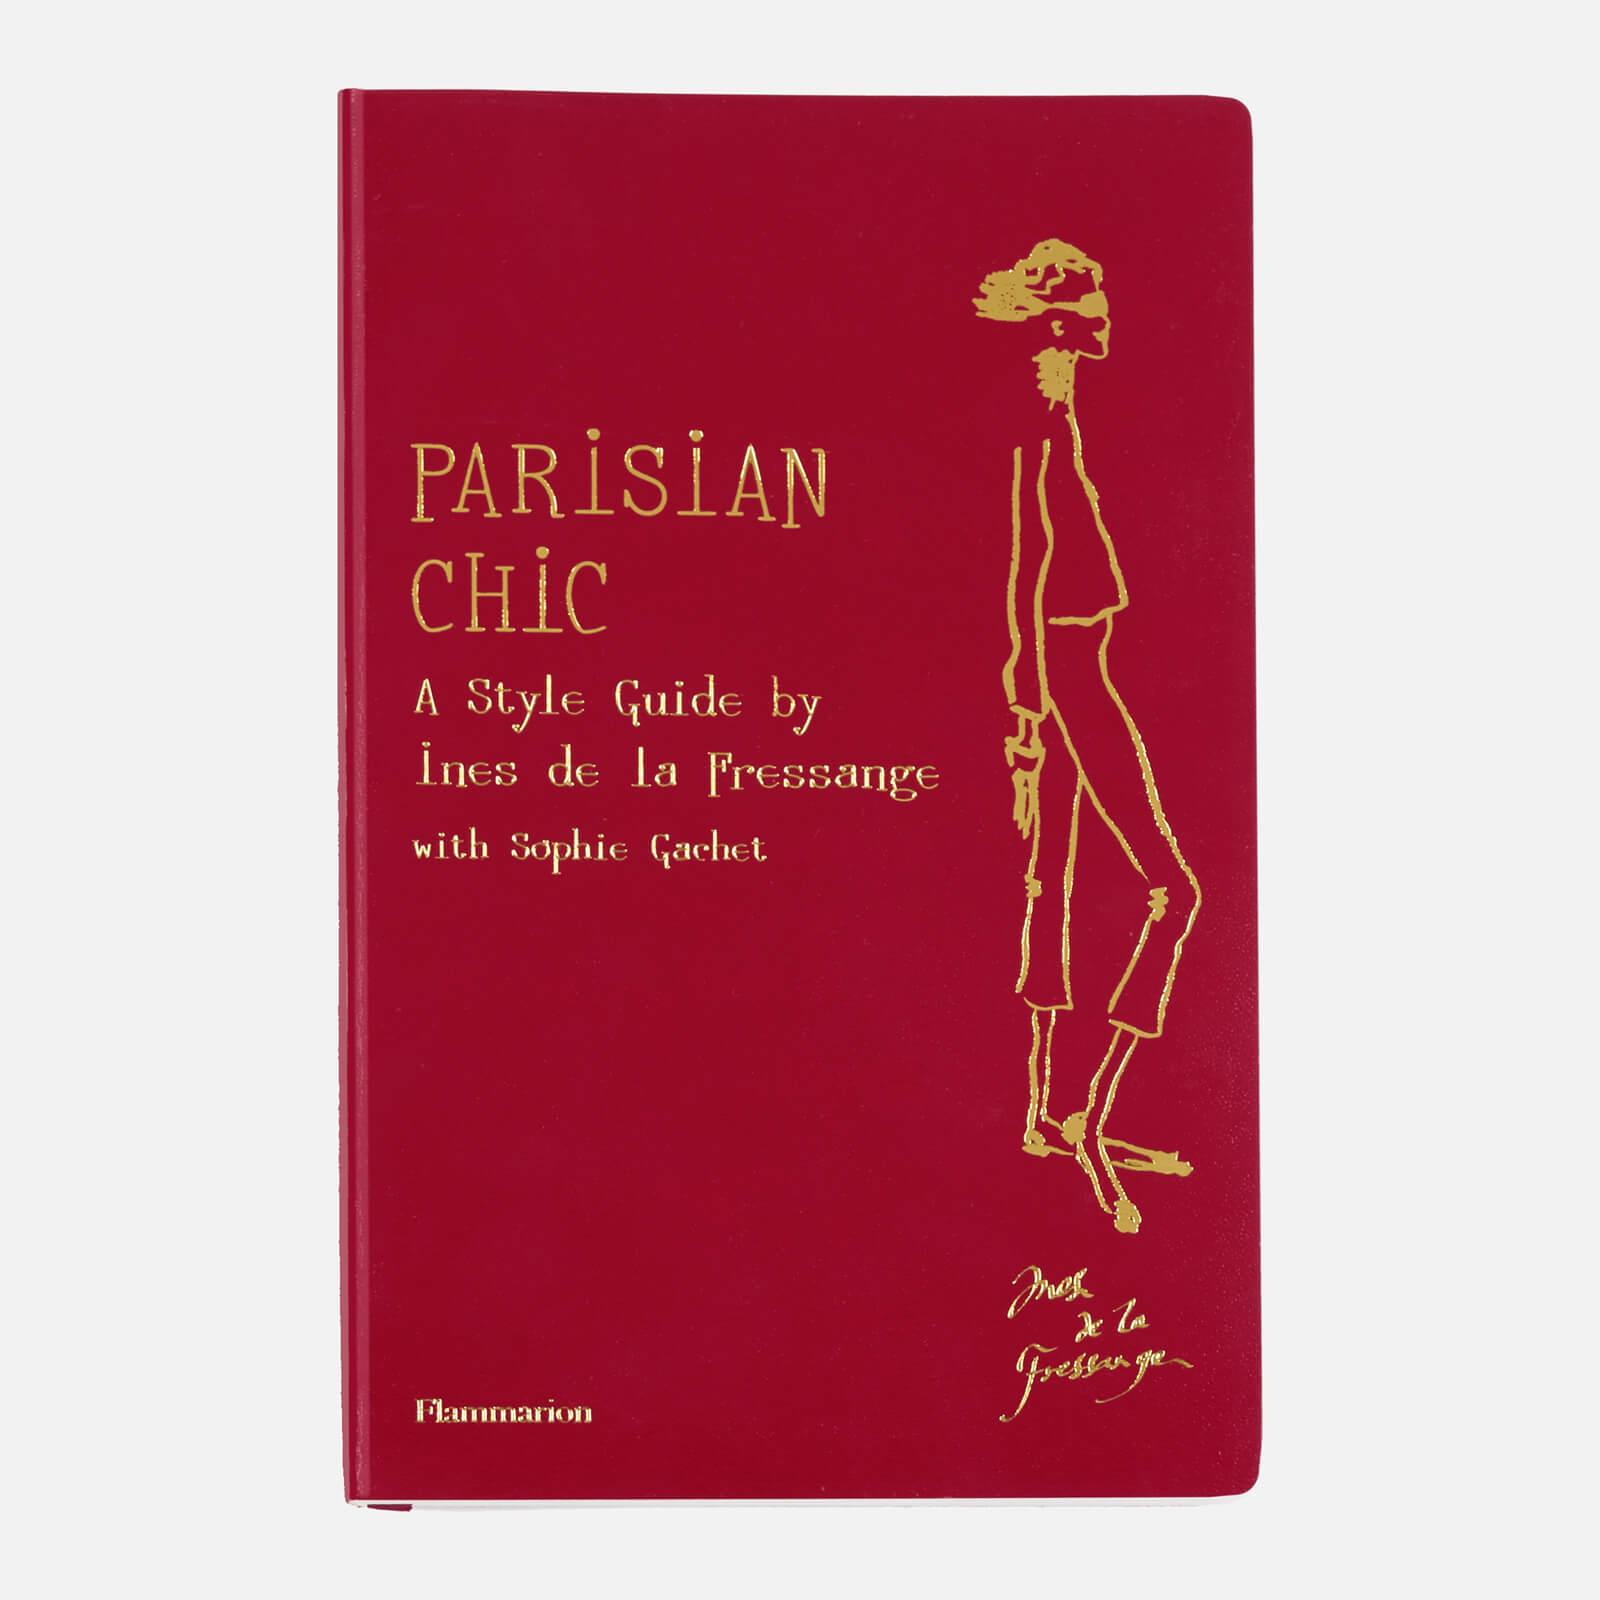 Flammarion: Parisian Chic - A Style Guide by Ines De La Fressange